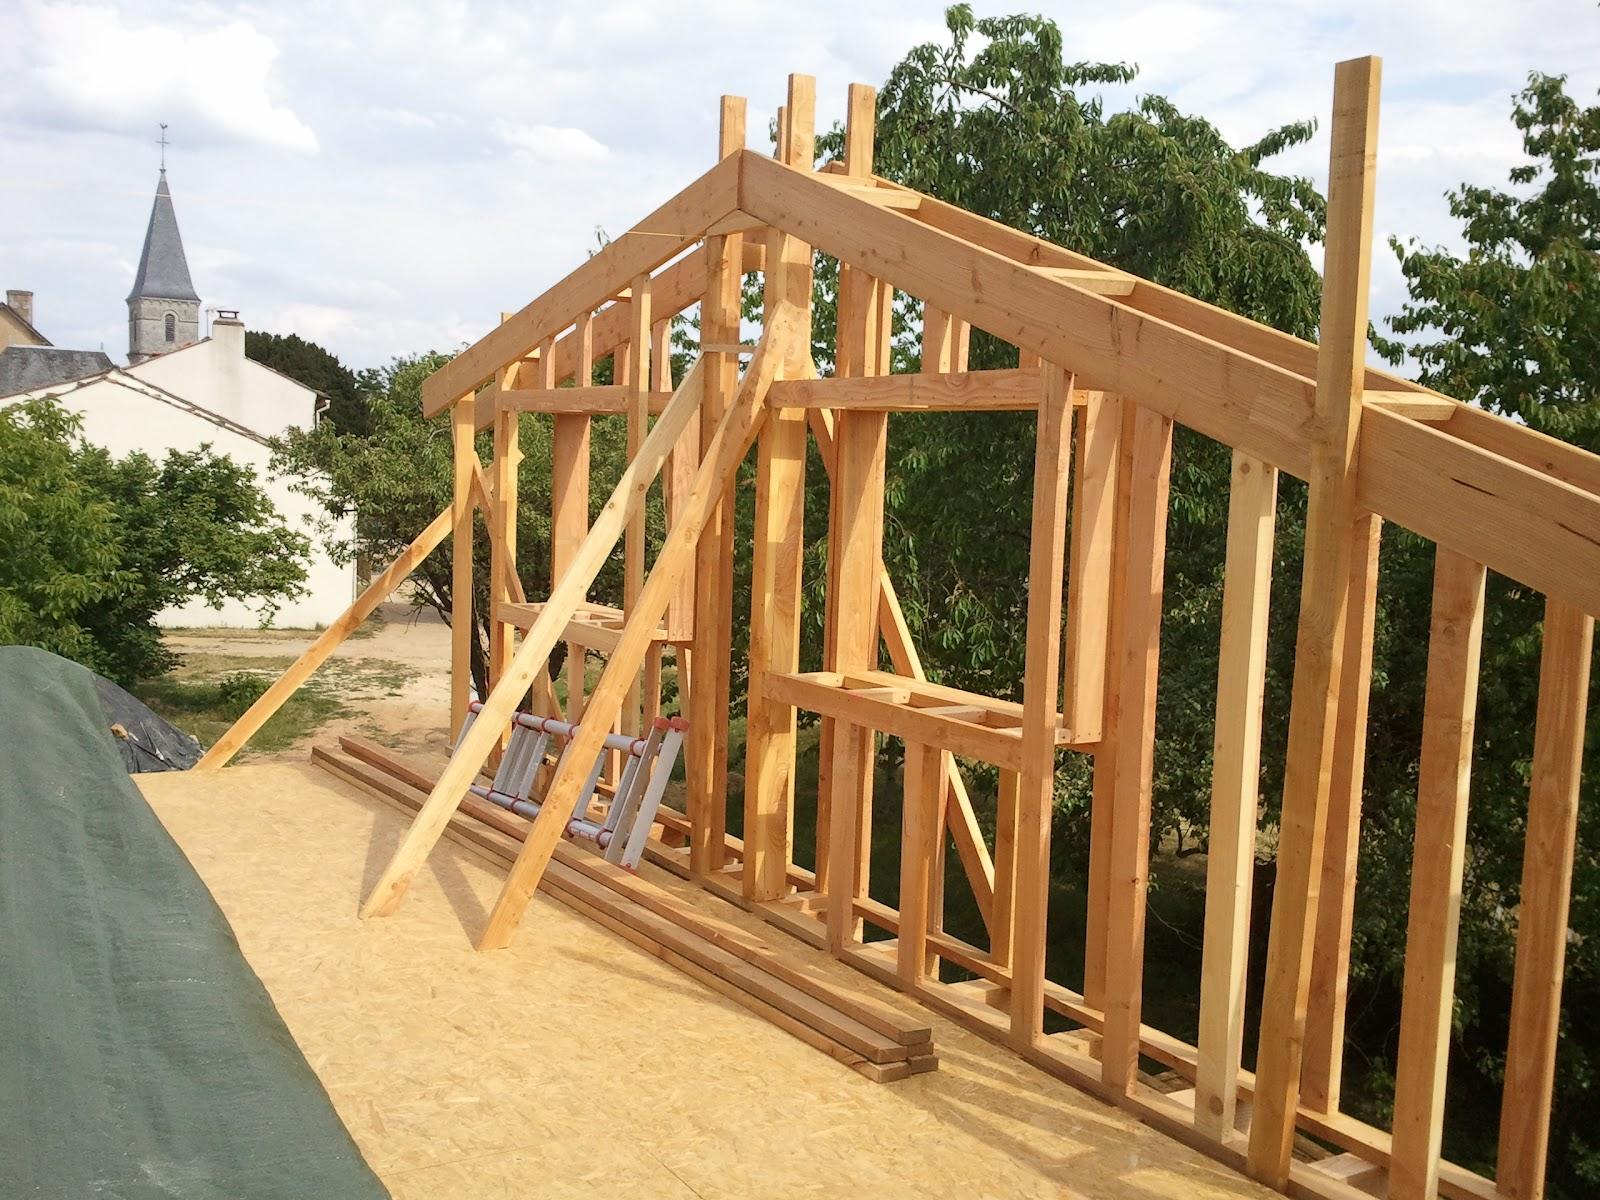 Notre maison ossature bois isolation paille  On avance l'ossature de l'étage # Ossature Bois Isolation